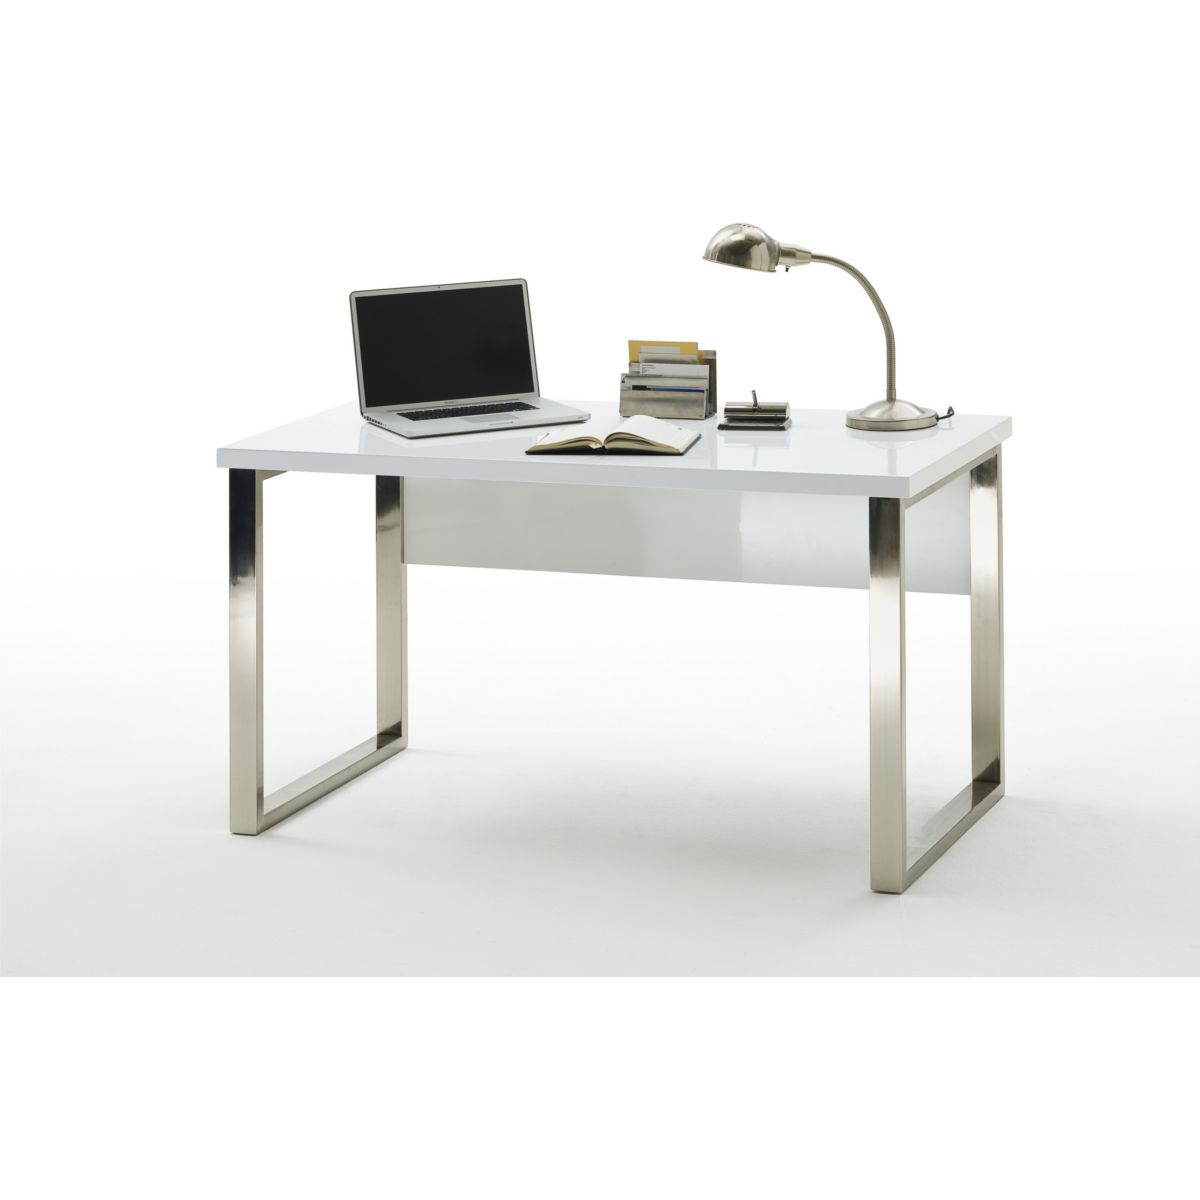 Schreibtisch weiss hochglanz lackiert / verchromt jetztbilligerkaufen